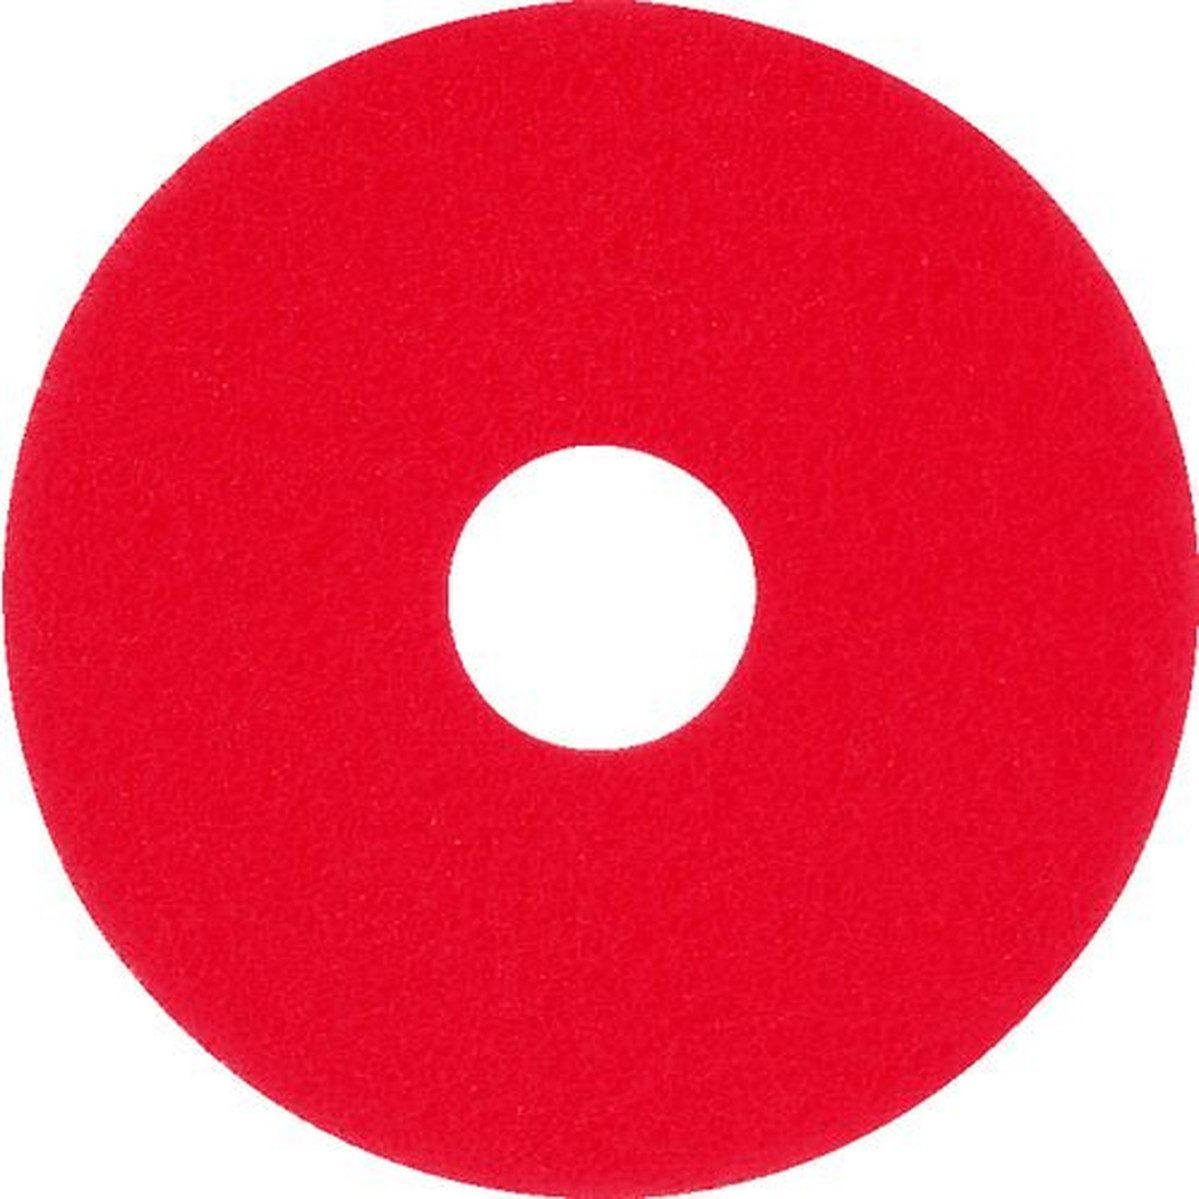 高級素材使用ブランド アマノ フロアパッド15 赤 フロアパッド15 アマノ 赤 5枚, ゴショガワラシ:2d2e1d0e --- kventurepartners.sakura.ne.jp